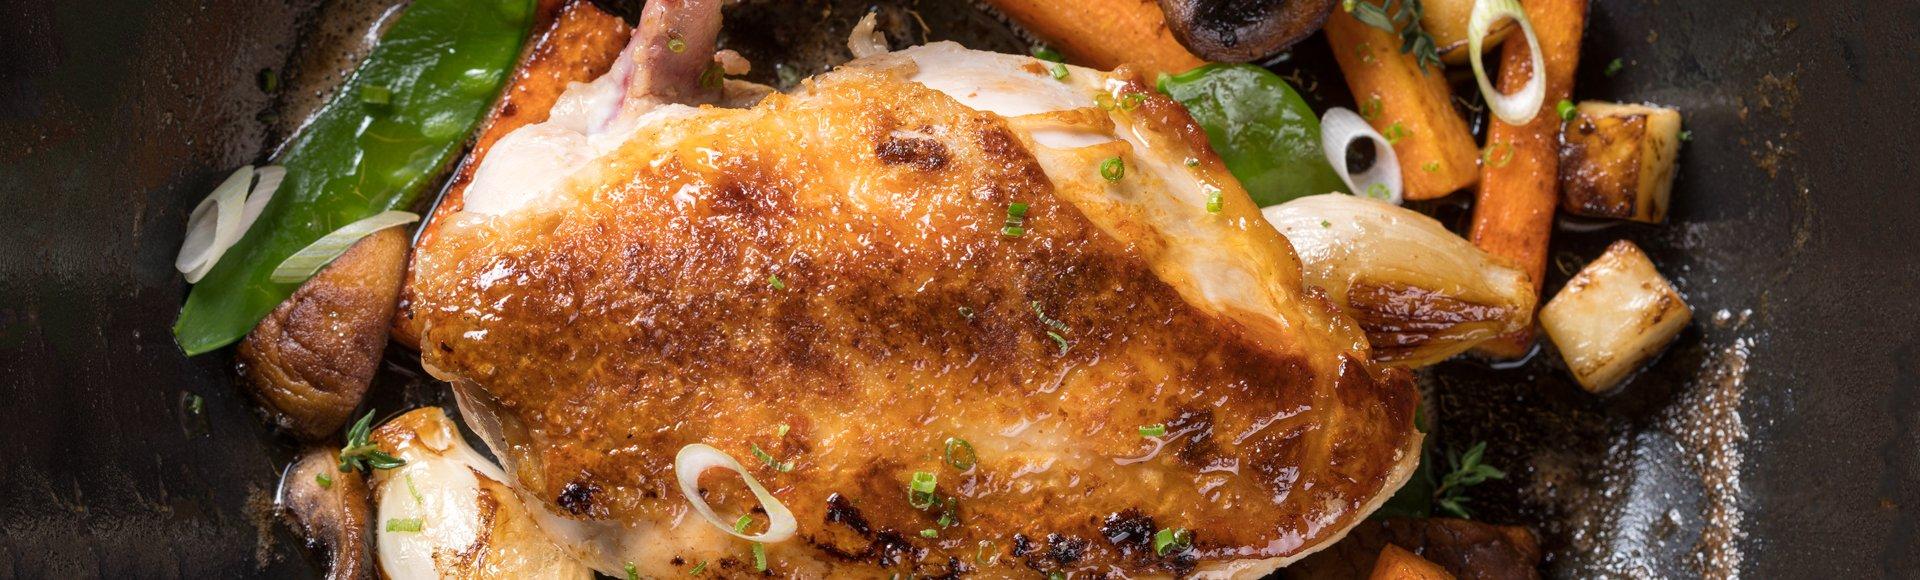 Ψητό κοτόπουλο με λαχανικά και σάλτσα από τον ζωμό του